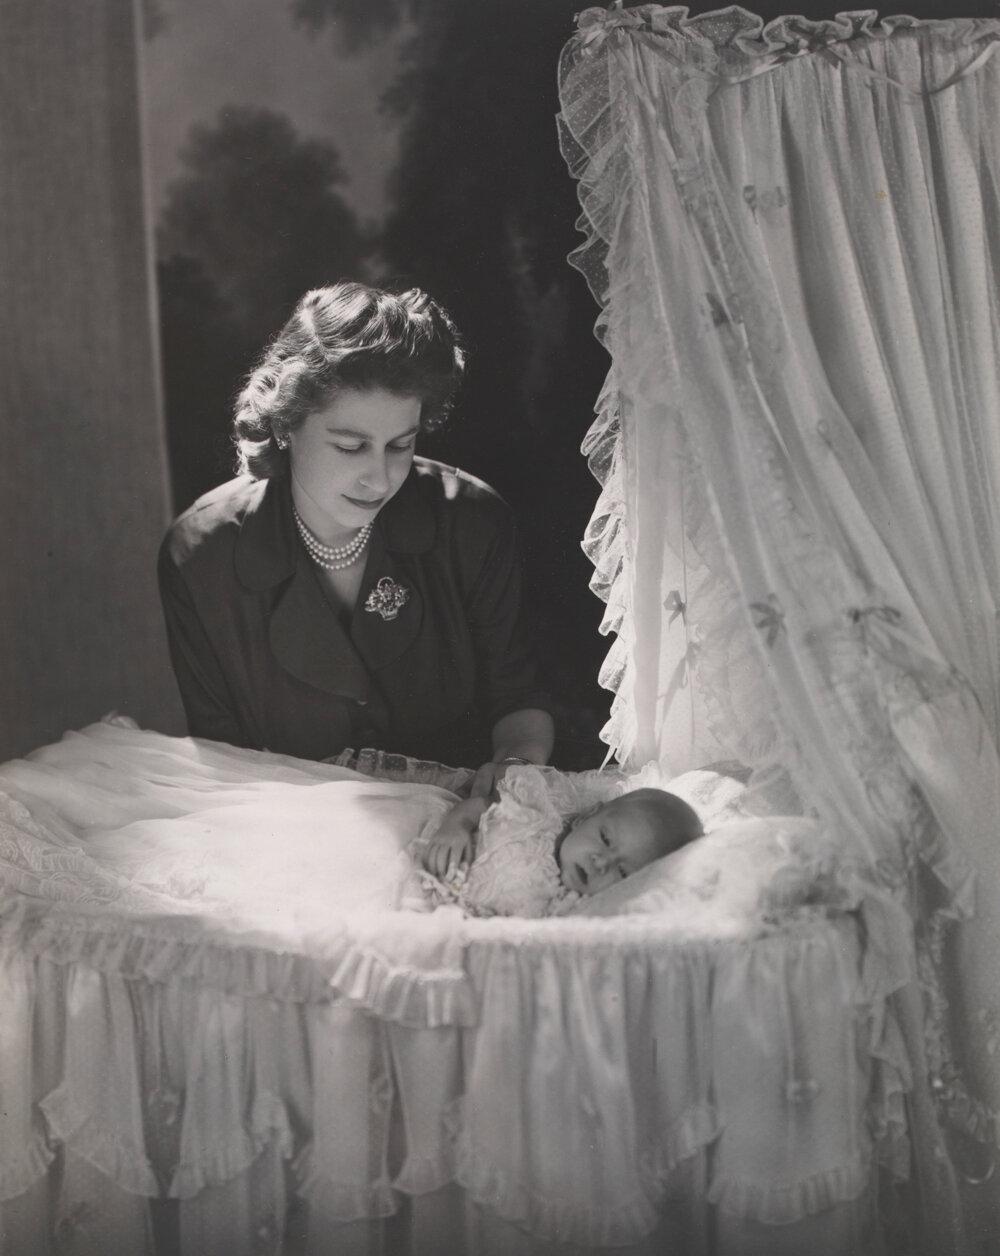 Принцесса Елизавета и принц Чарльз, декабрь 1948 г.